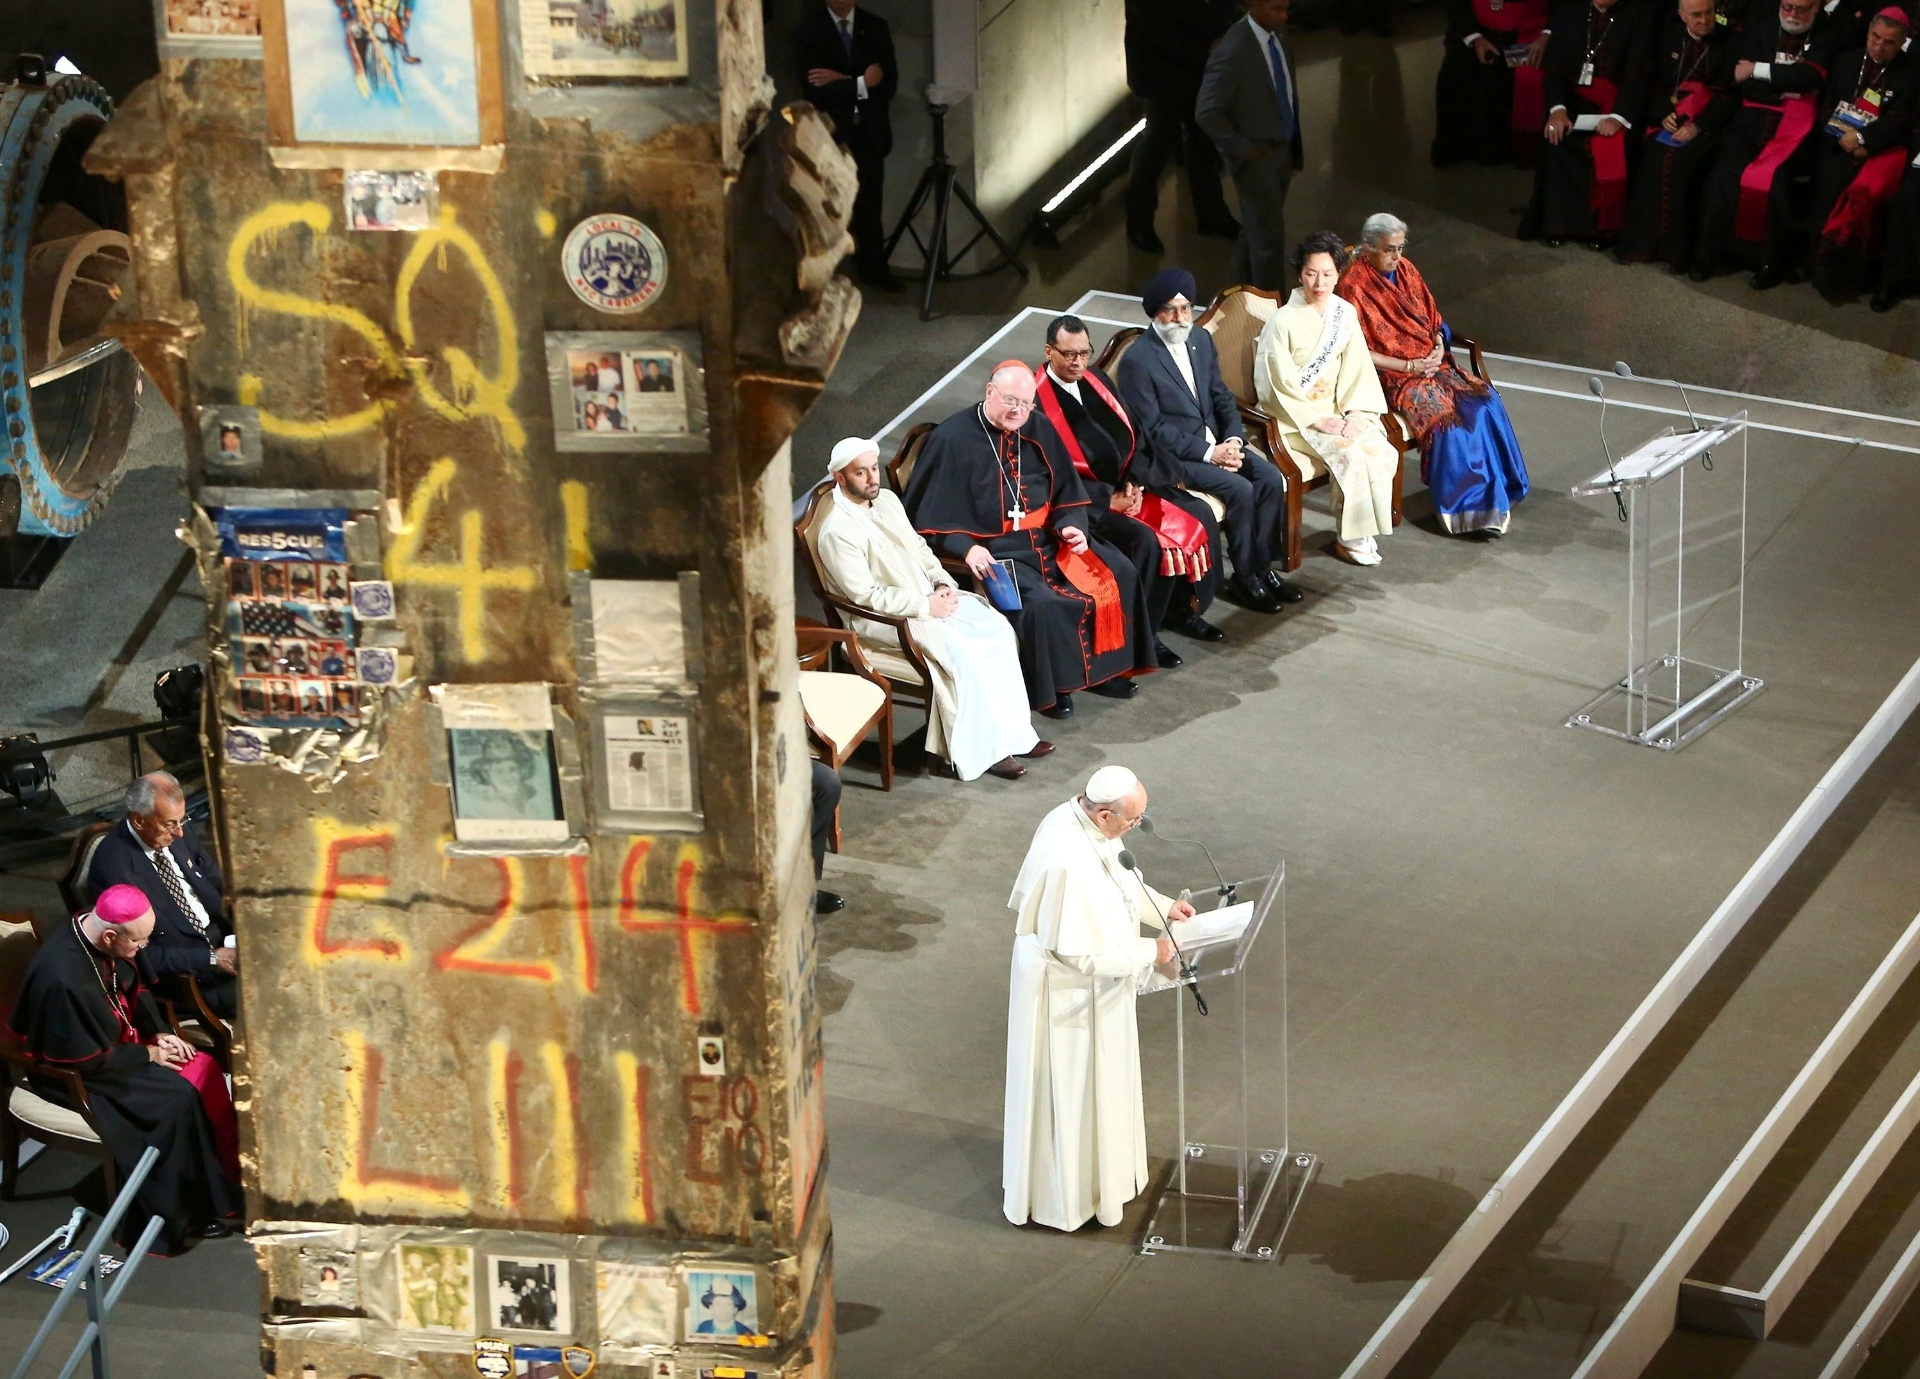 25.set.2015 - O papa Francisco em celebração ecumênica no Memorial do 11 de Setembro, em Nova York. O ato aconteceu logo após discurso do líder religioso em prévia da Assembleia Geral das Nações Unidas